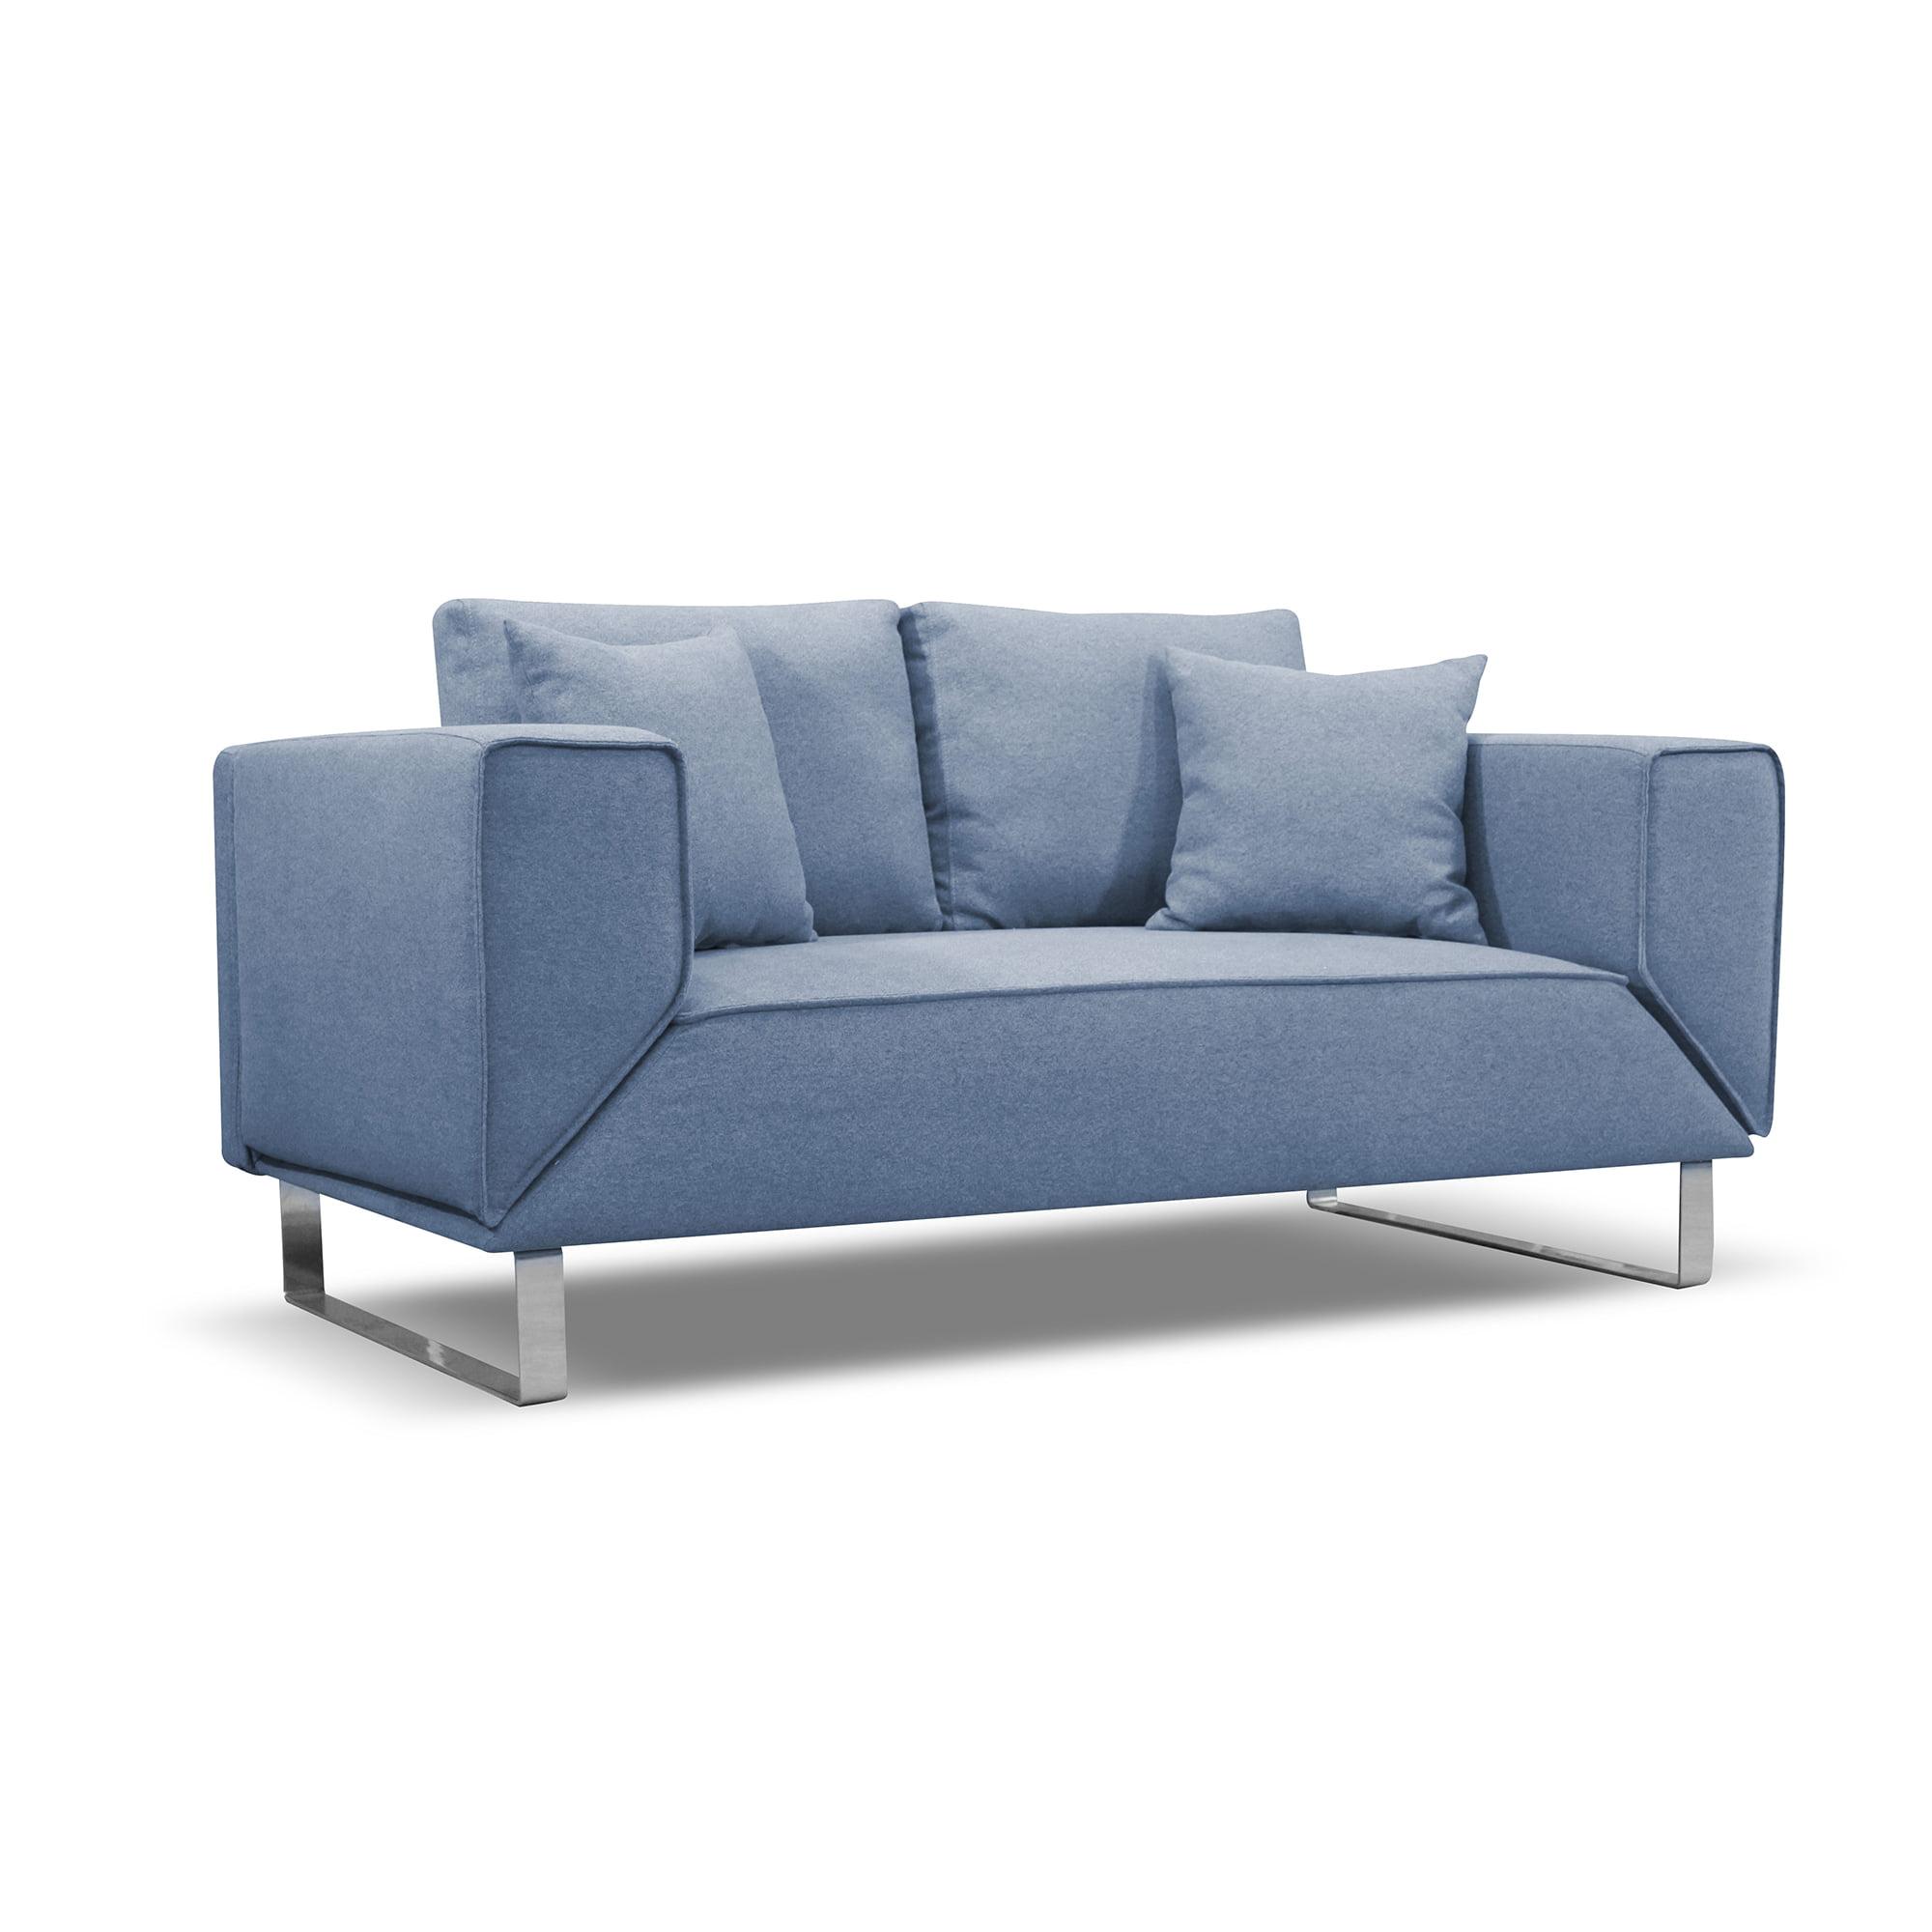 Carter Convertible Sleeper Sofa